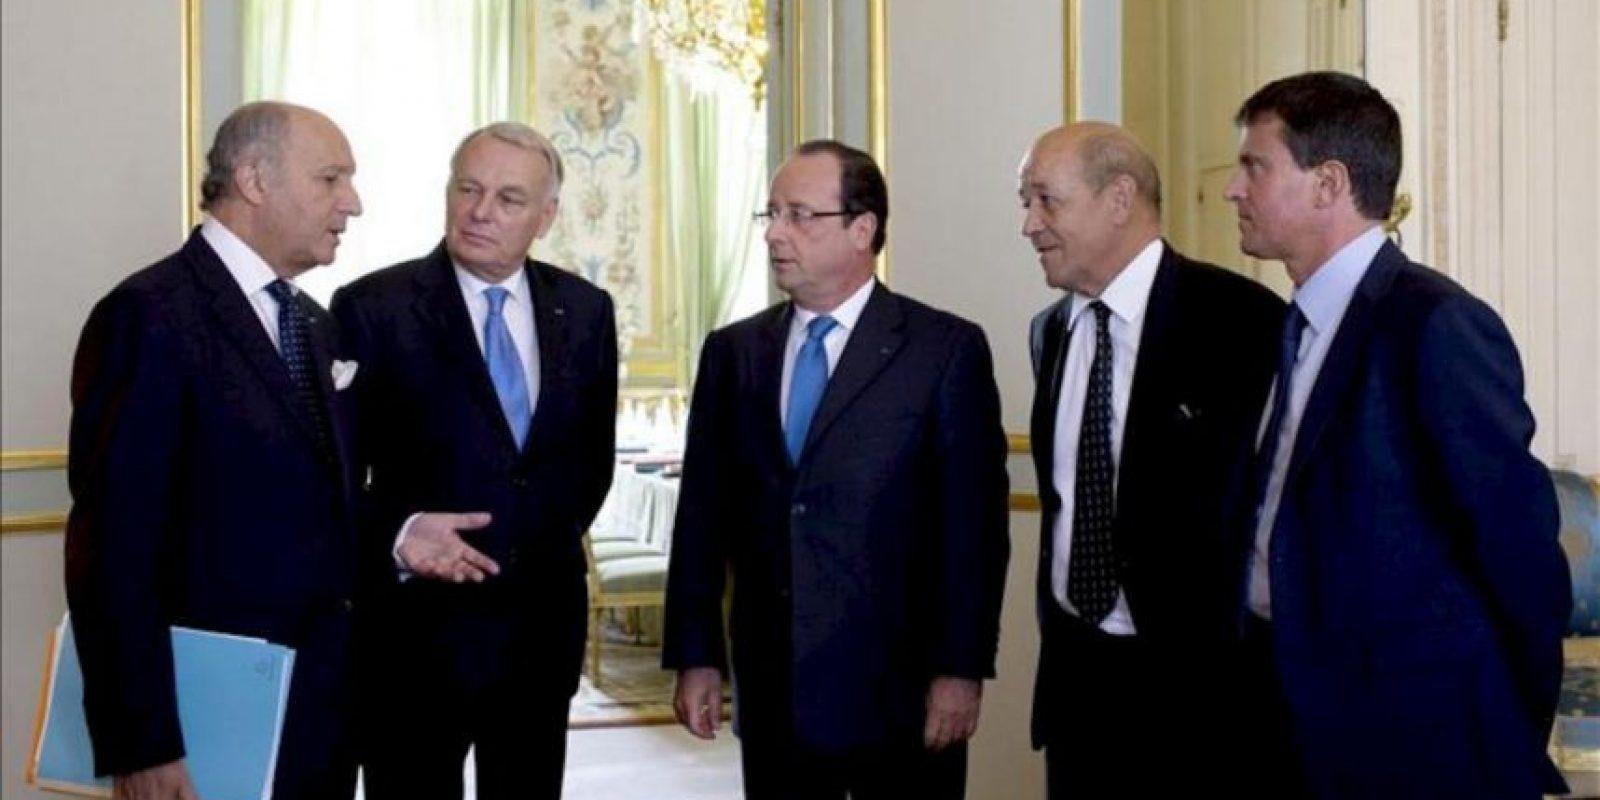 El presidente francés, François Hollande (c), conversa con el ministro galo de Exteriores, Laurent Fabius (izq), el primer ministro francés, Jean-Marc Ayrault (2º izq), el responsable francés de Defensa, Jean-Yves Le Drian (2º dcha), y el ministro galo de Interior, Manuel Valls, ayer antes de una reunión para tratar de la situación en Siria en el Palacio del Elíseo. EFE